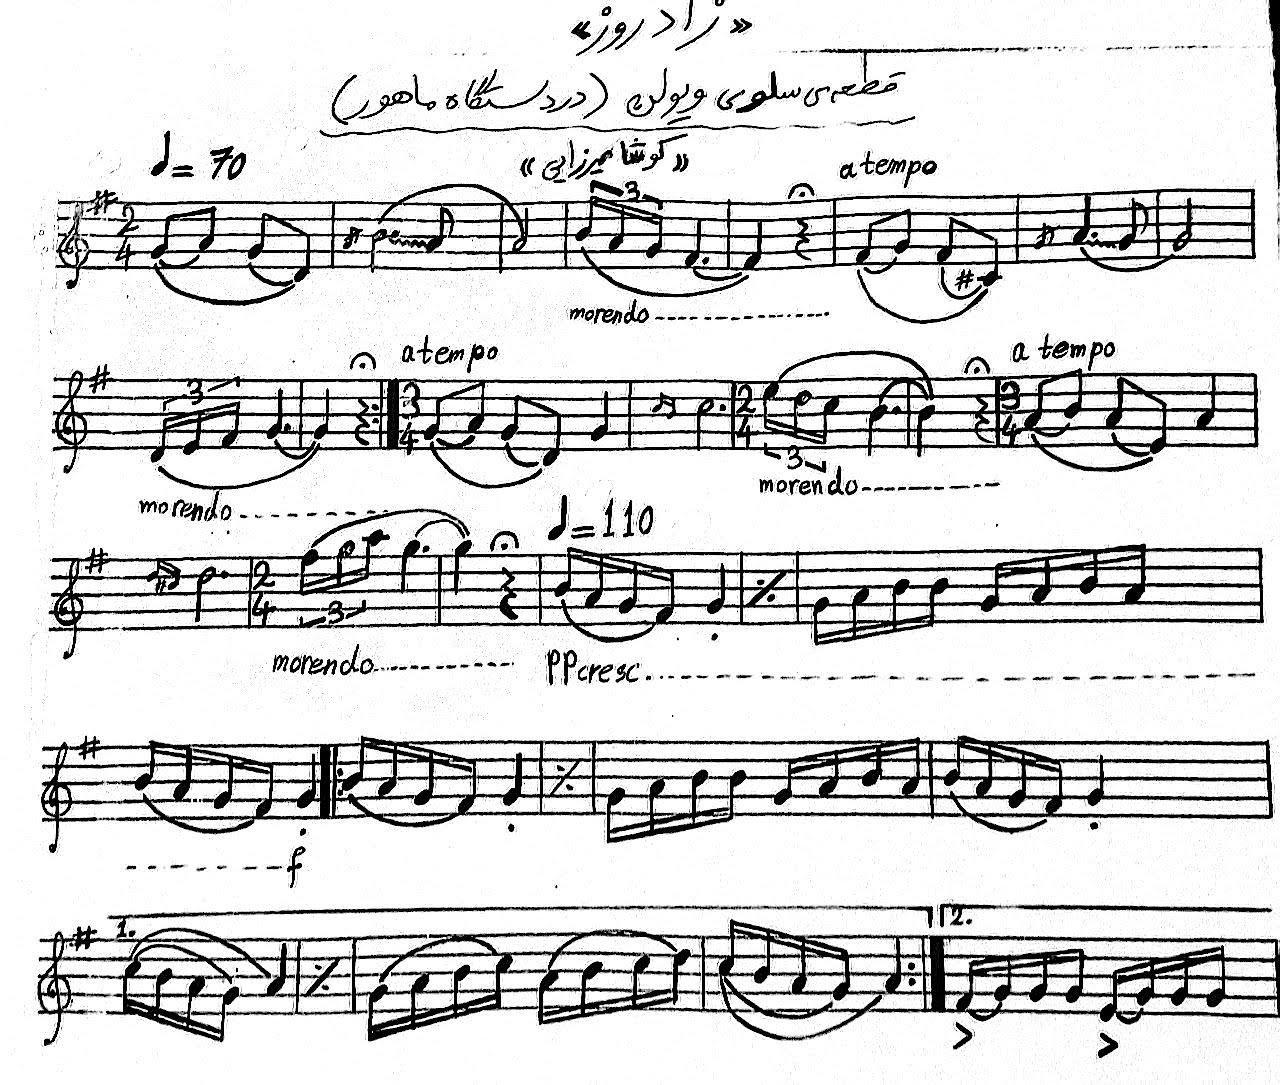 نت زادروز قطعهای در ماهور برای ویولون آهنگساز کوشا میرزایی نوازنده ایمان ملکی